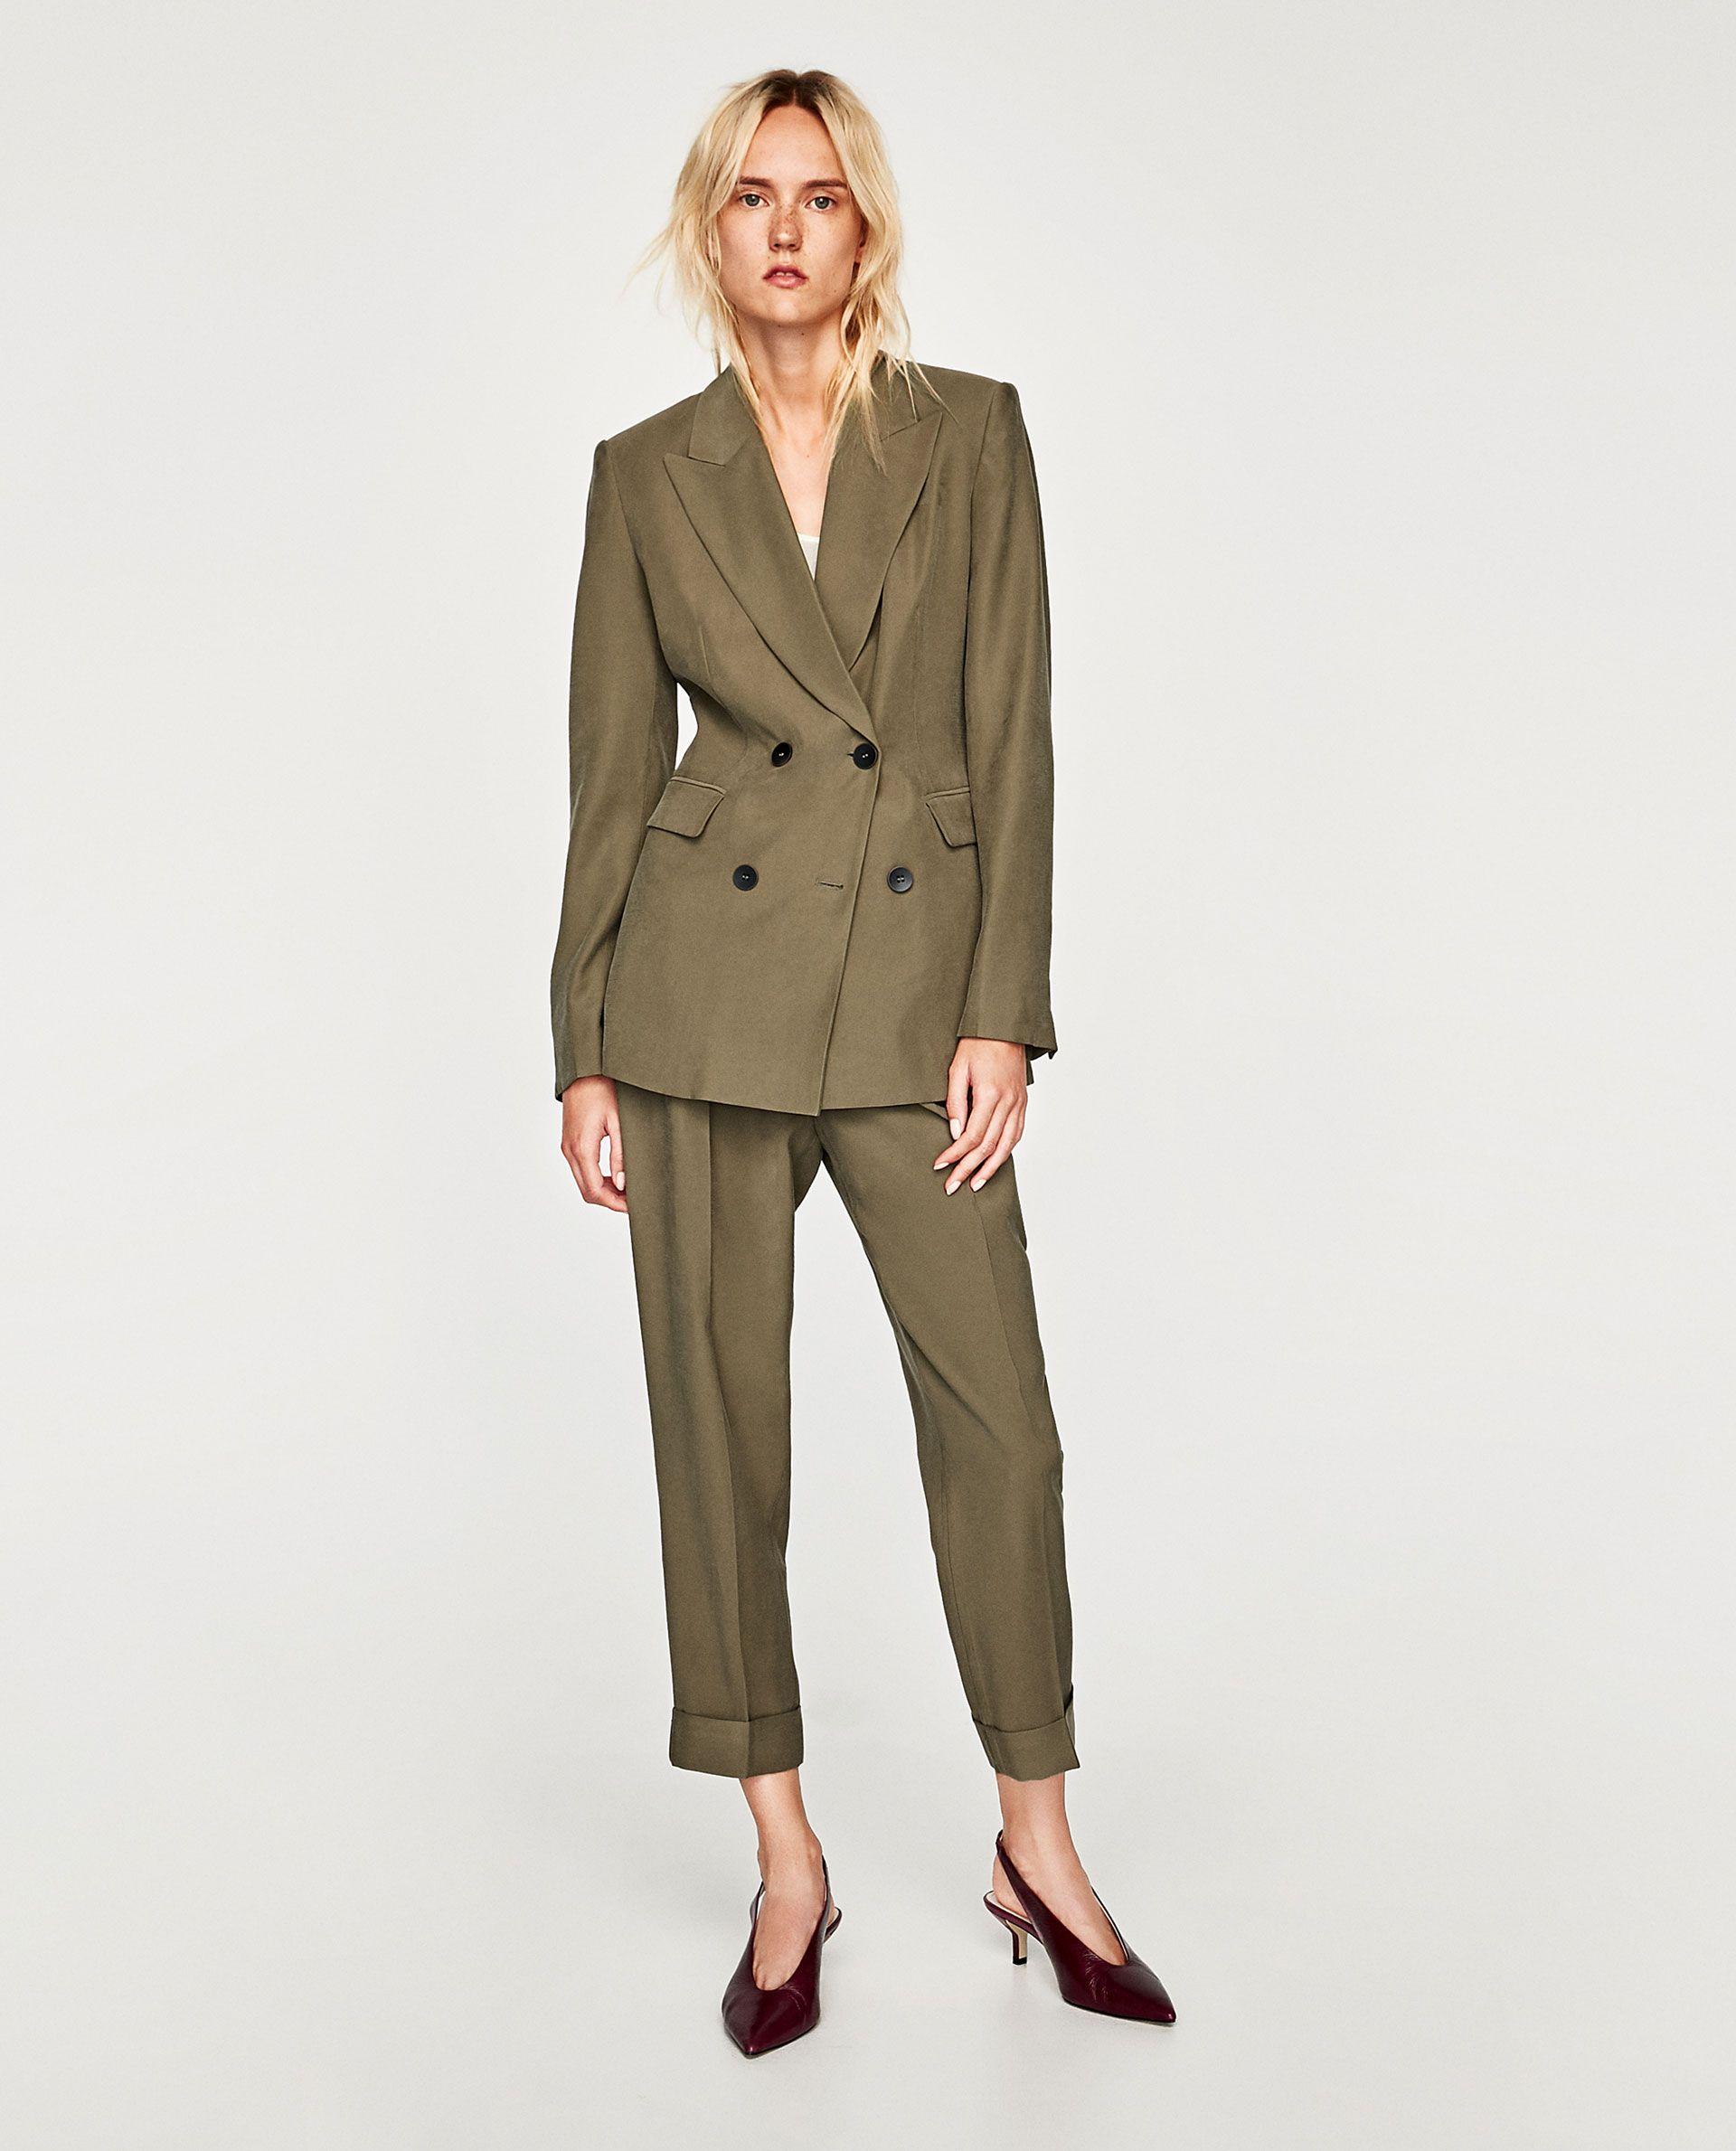 cb389a721dc0 Casual Suit Jacket, Tailored Jacket, Corduroy Jacket, Blazer Fashion,  Blazers, Zara